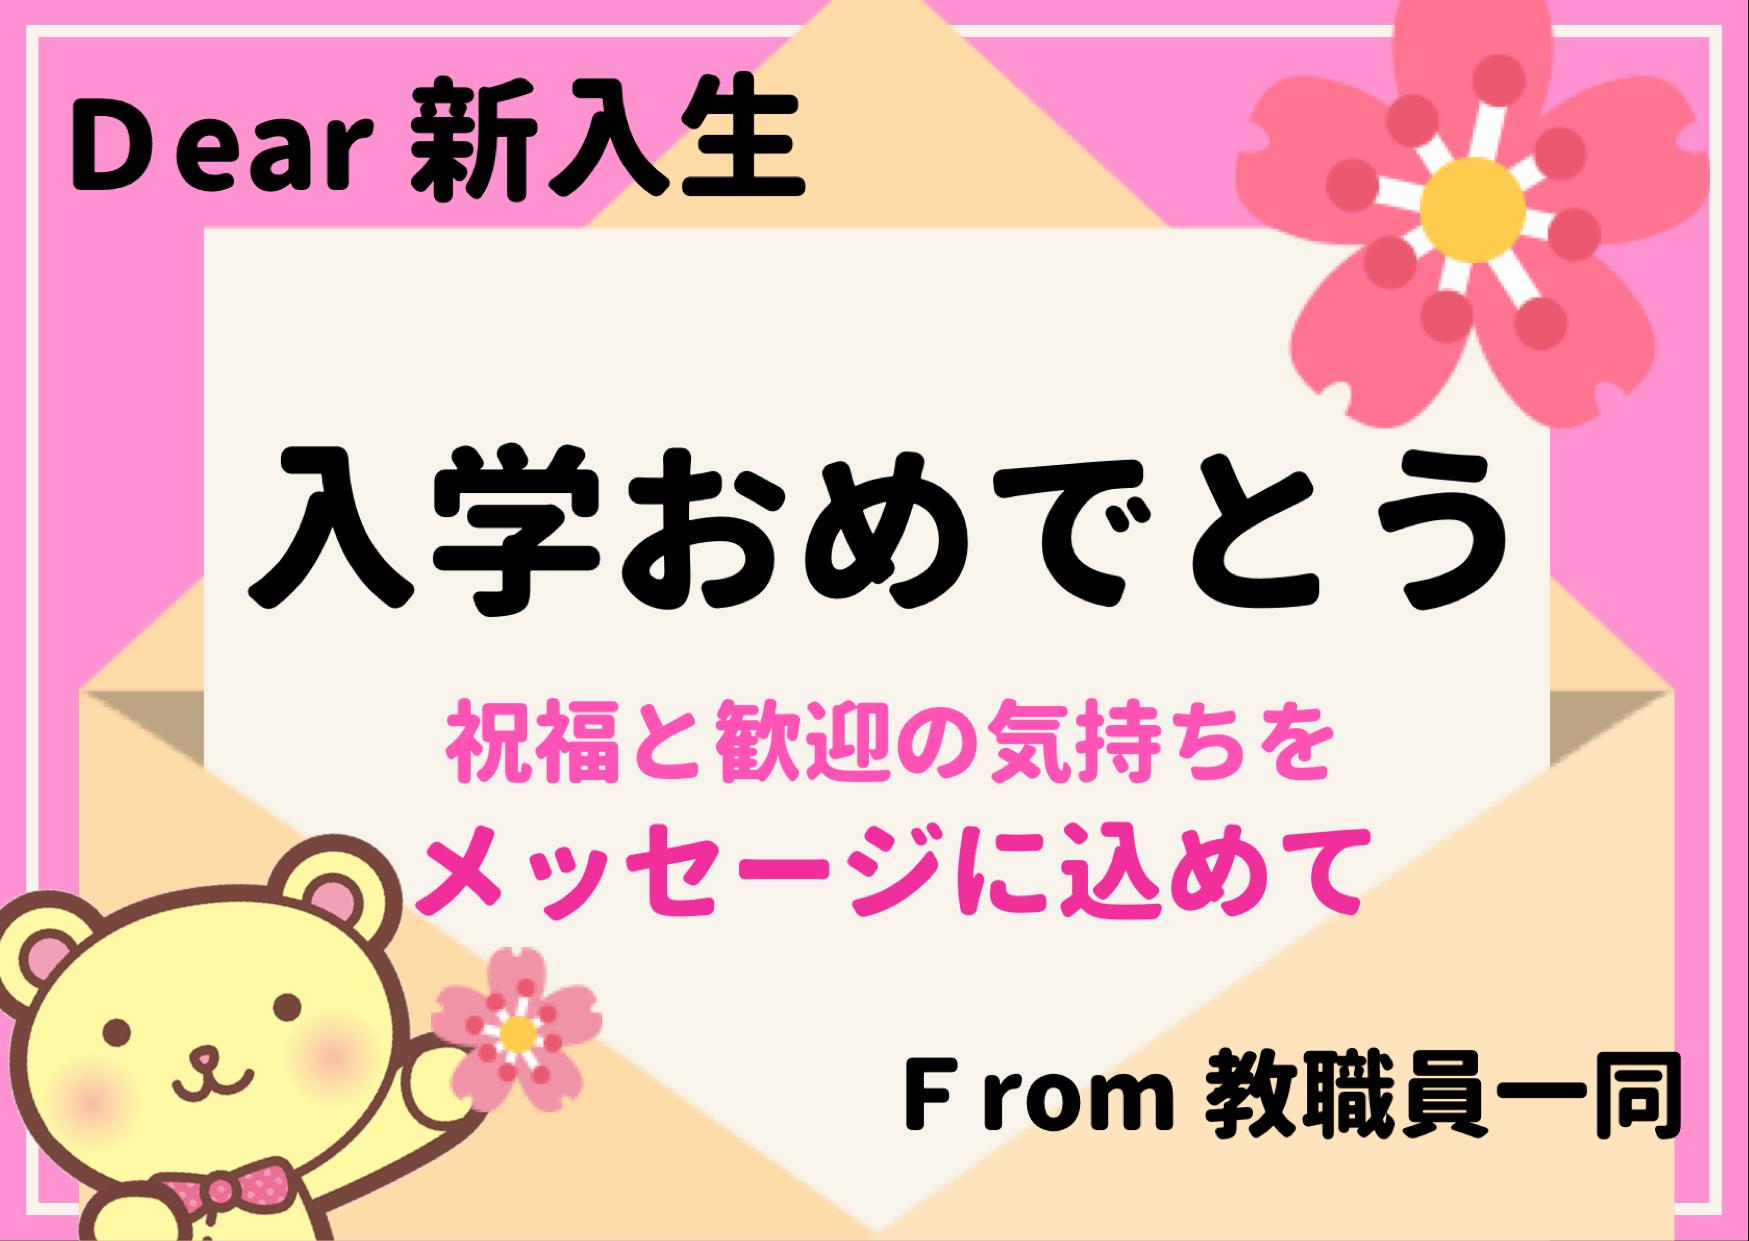 【入学おめでとう】祝福と歓迎の想いをメッセージに込めて